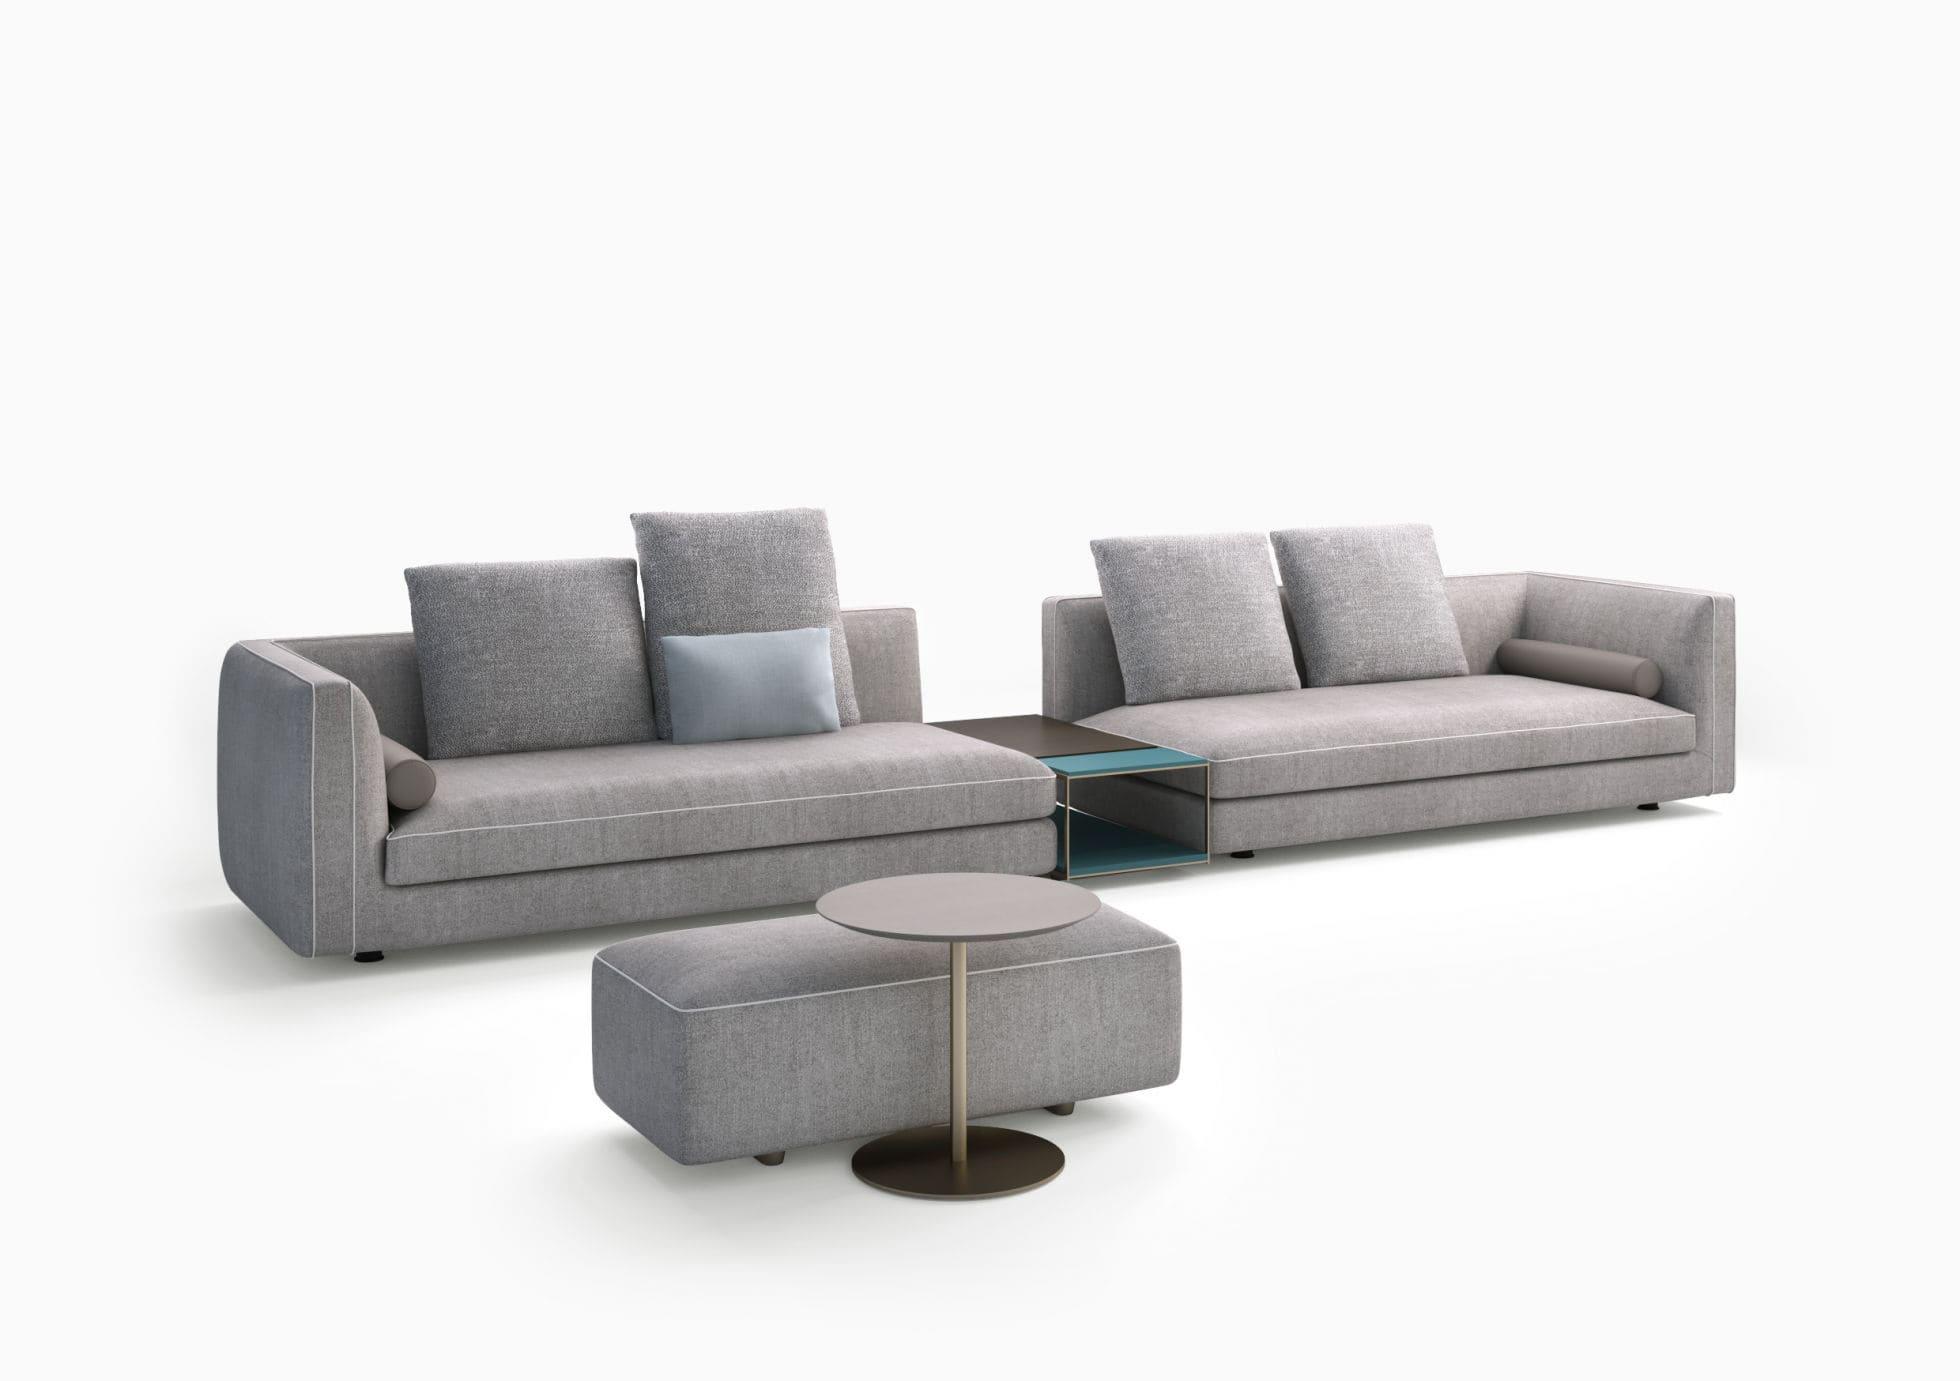 Modular sofa contemporary fabric beige GLAM art nova srl